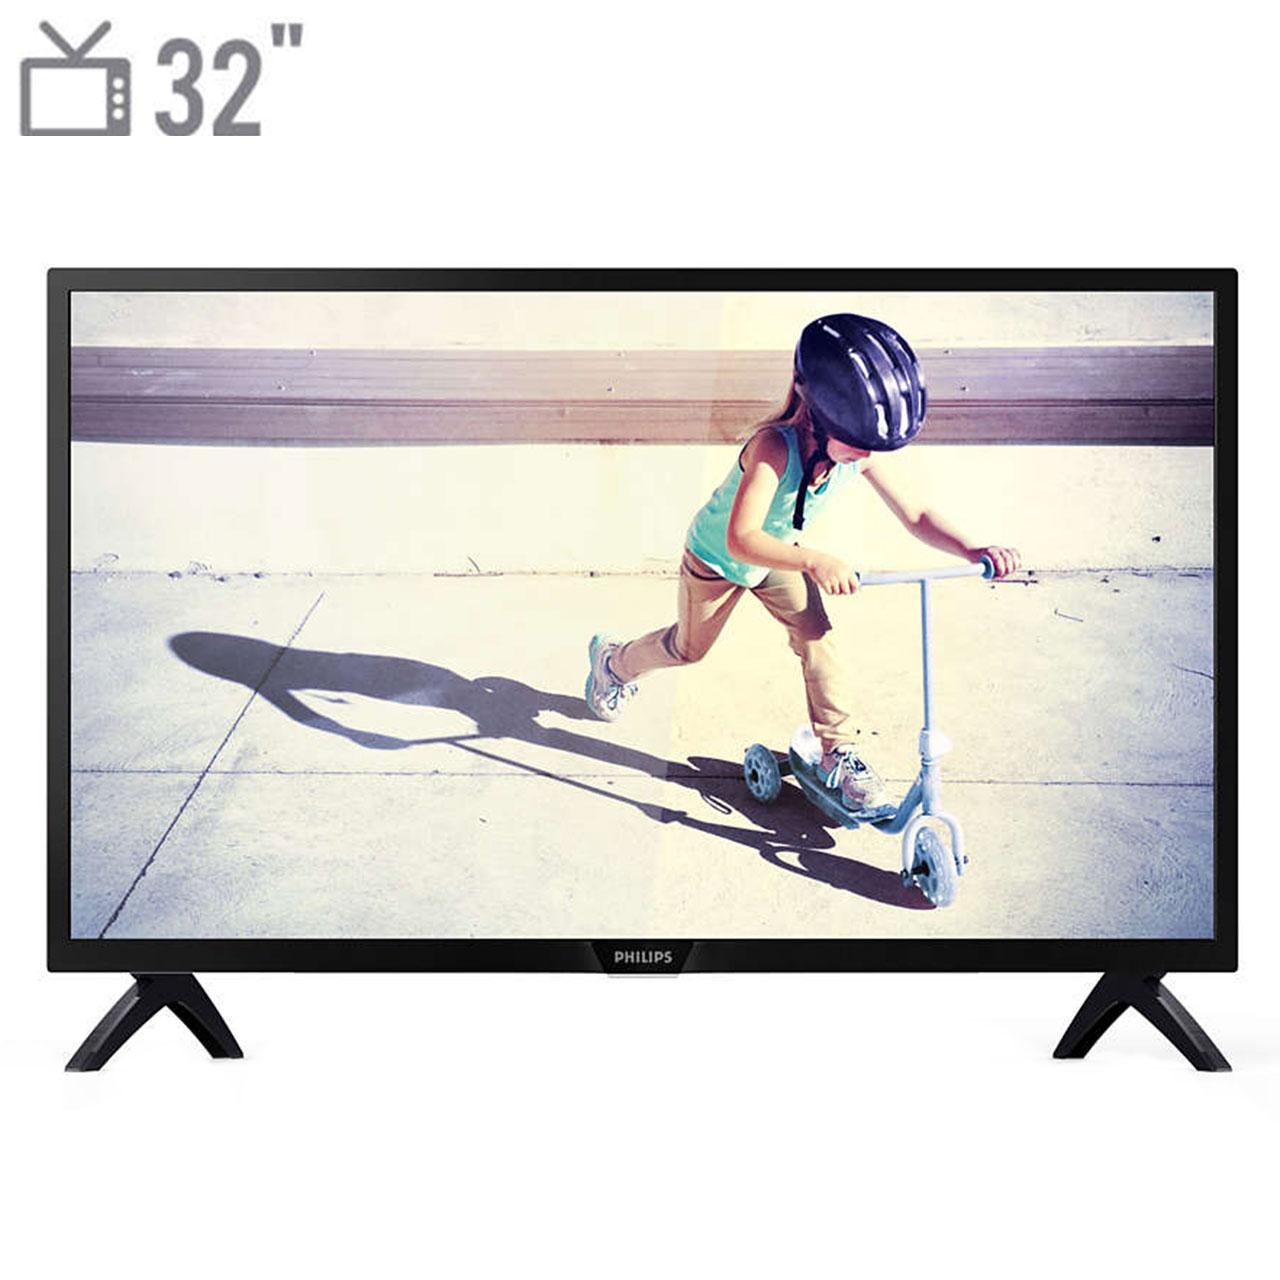 تلویزیون فیلیپس 32 اینچ مدل 32pht4002